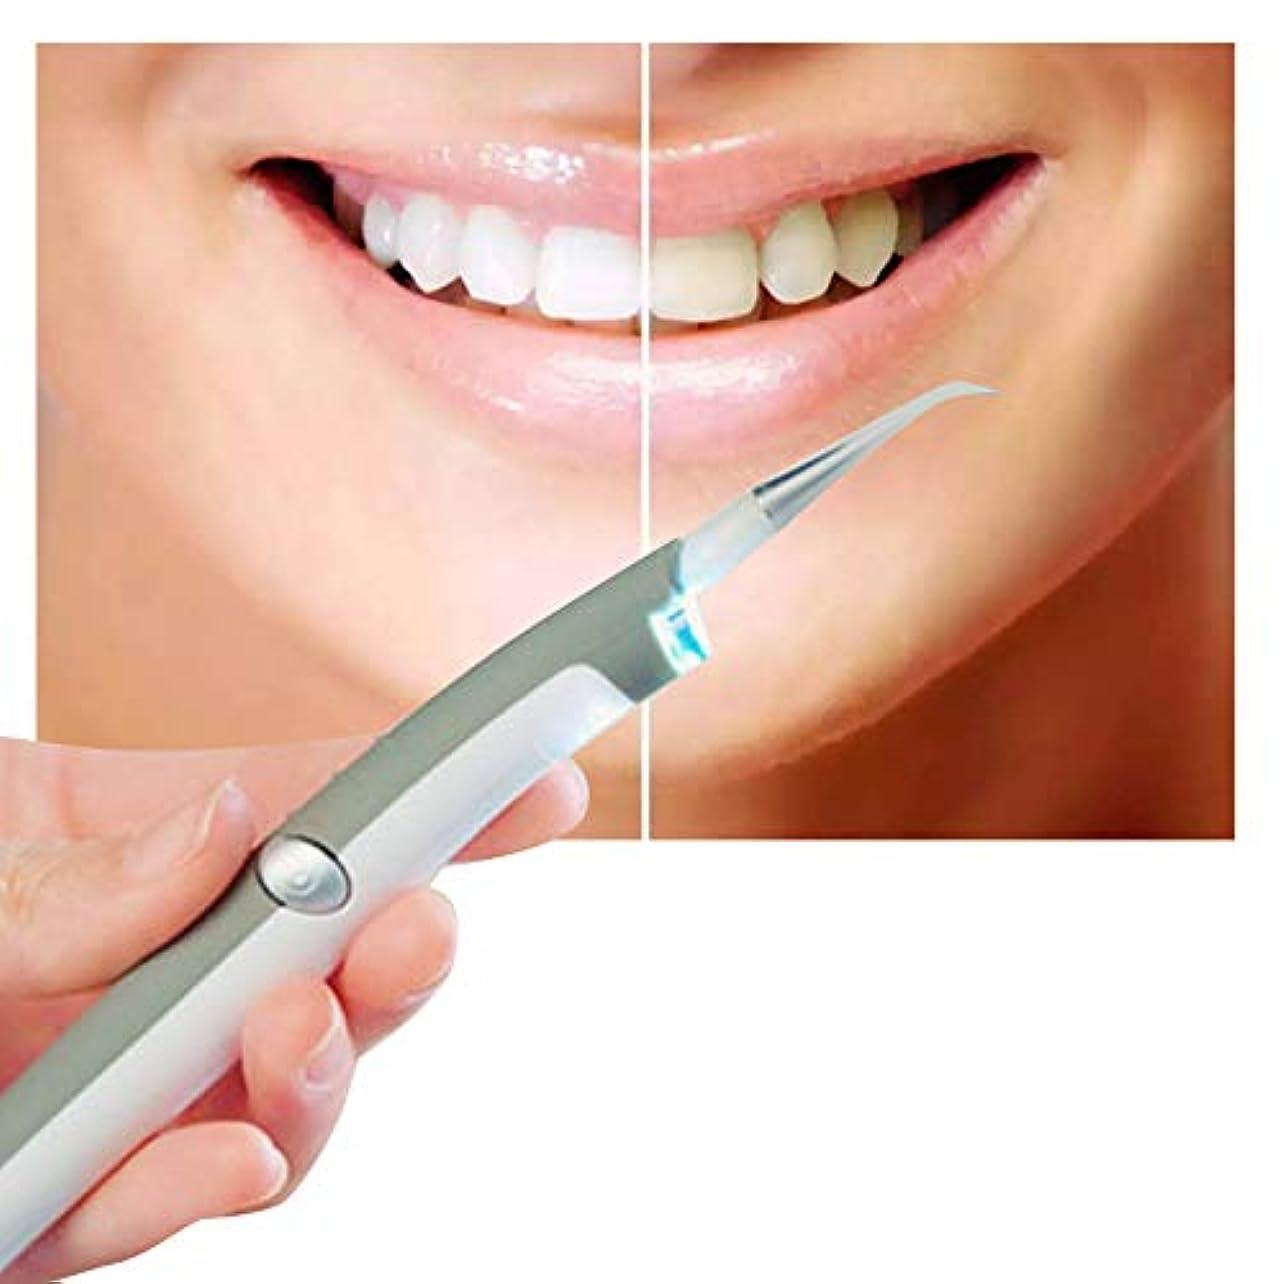 ixaer LED歯科用ツールキット ソニック 音波振動 歯科用ポリッシャー 歯間クリーナー ステインバスター 歯垢や歯石などを予防 歯の汚れ消しゴム オーラルケア クリーニングツール